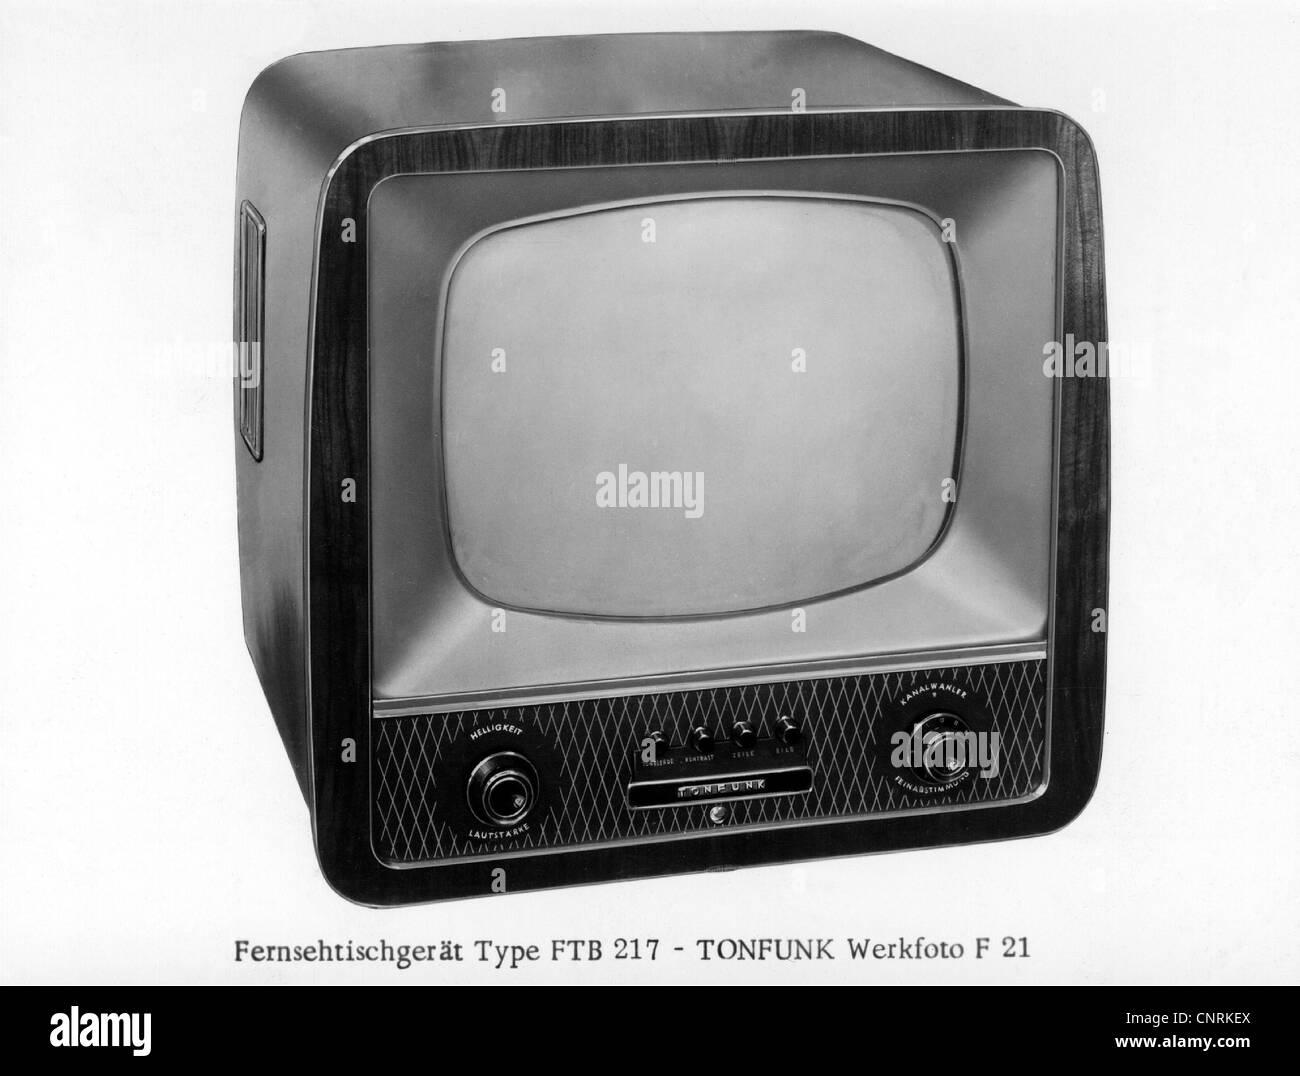 Rundfunk, Fernsehen, tragbare Fernseher, 1950er Jahre, Additional-Rights - Clearences-NA Stockbild